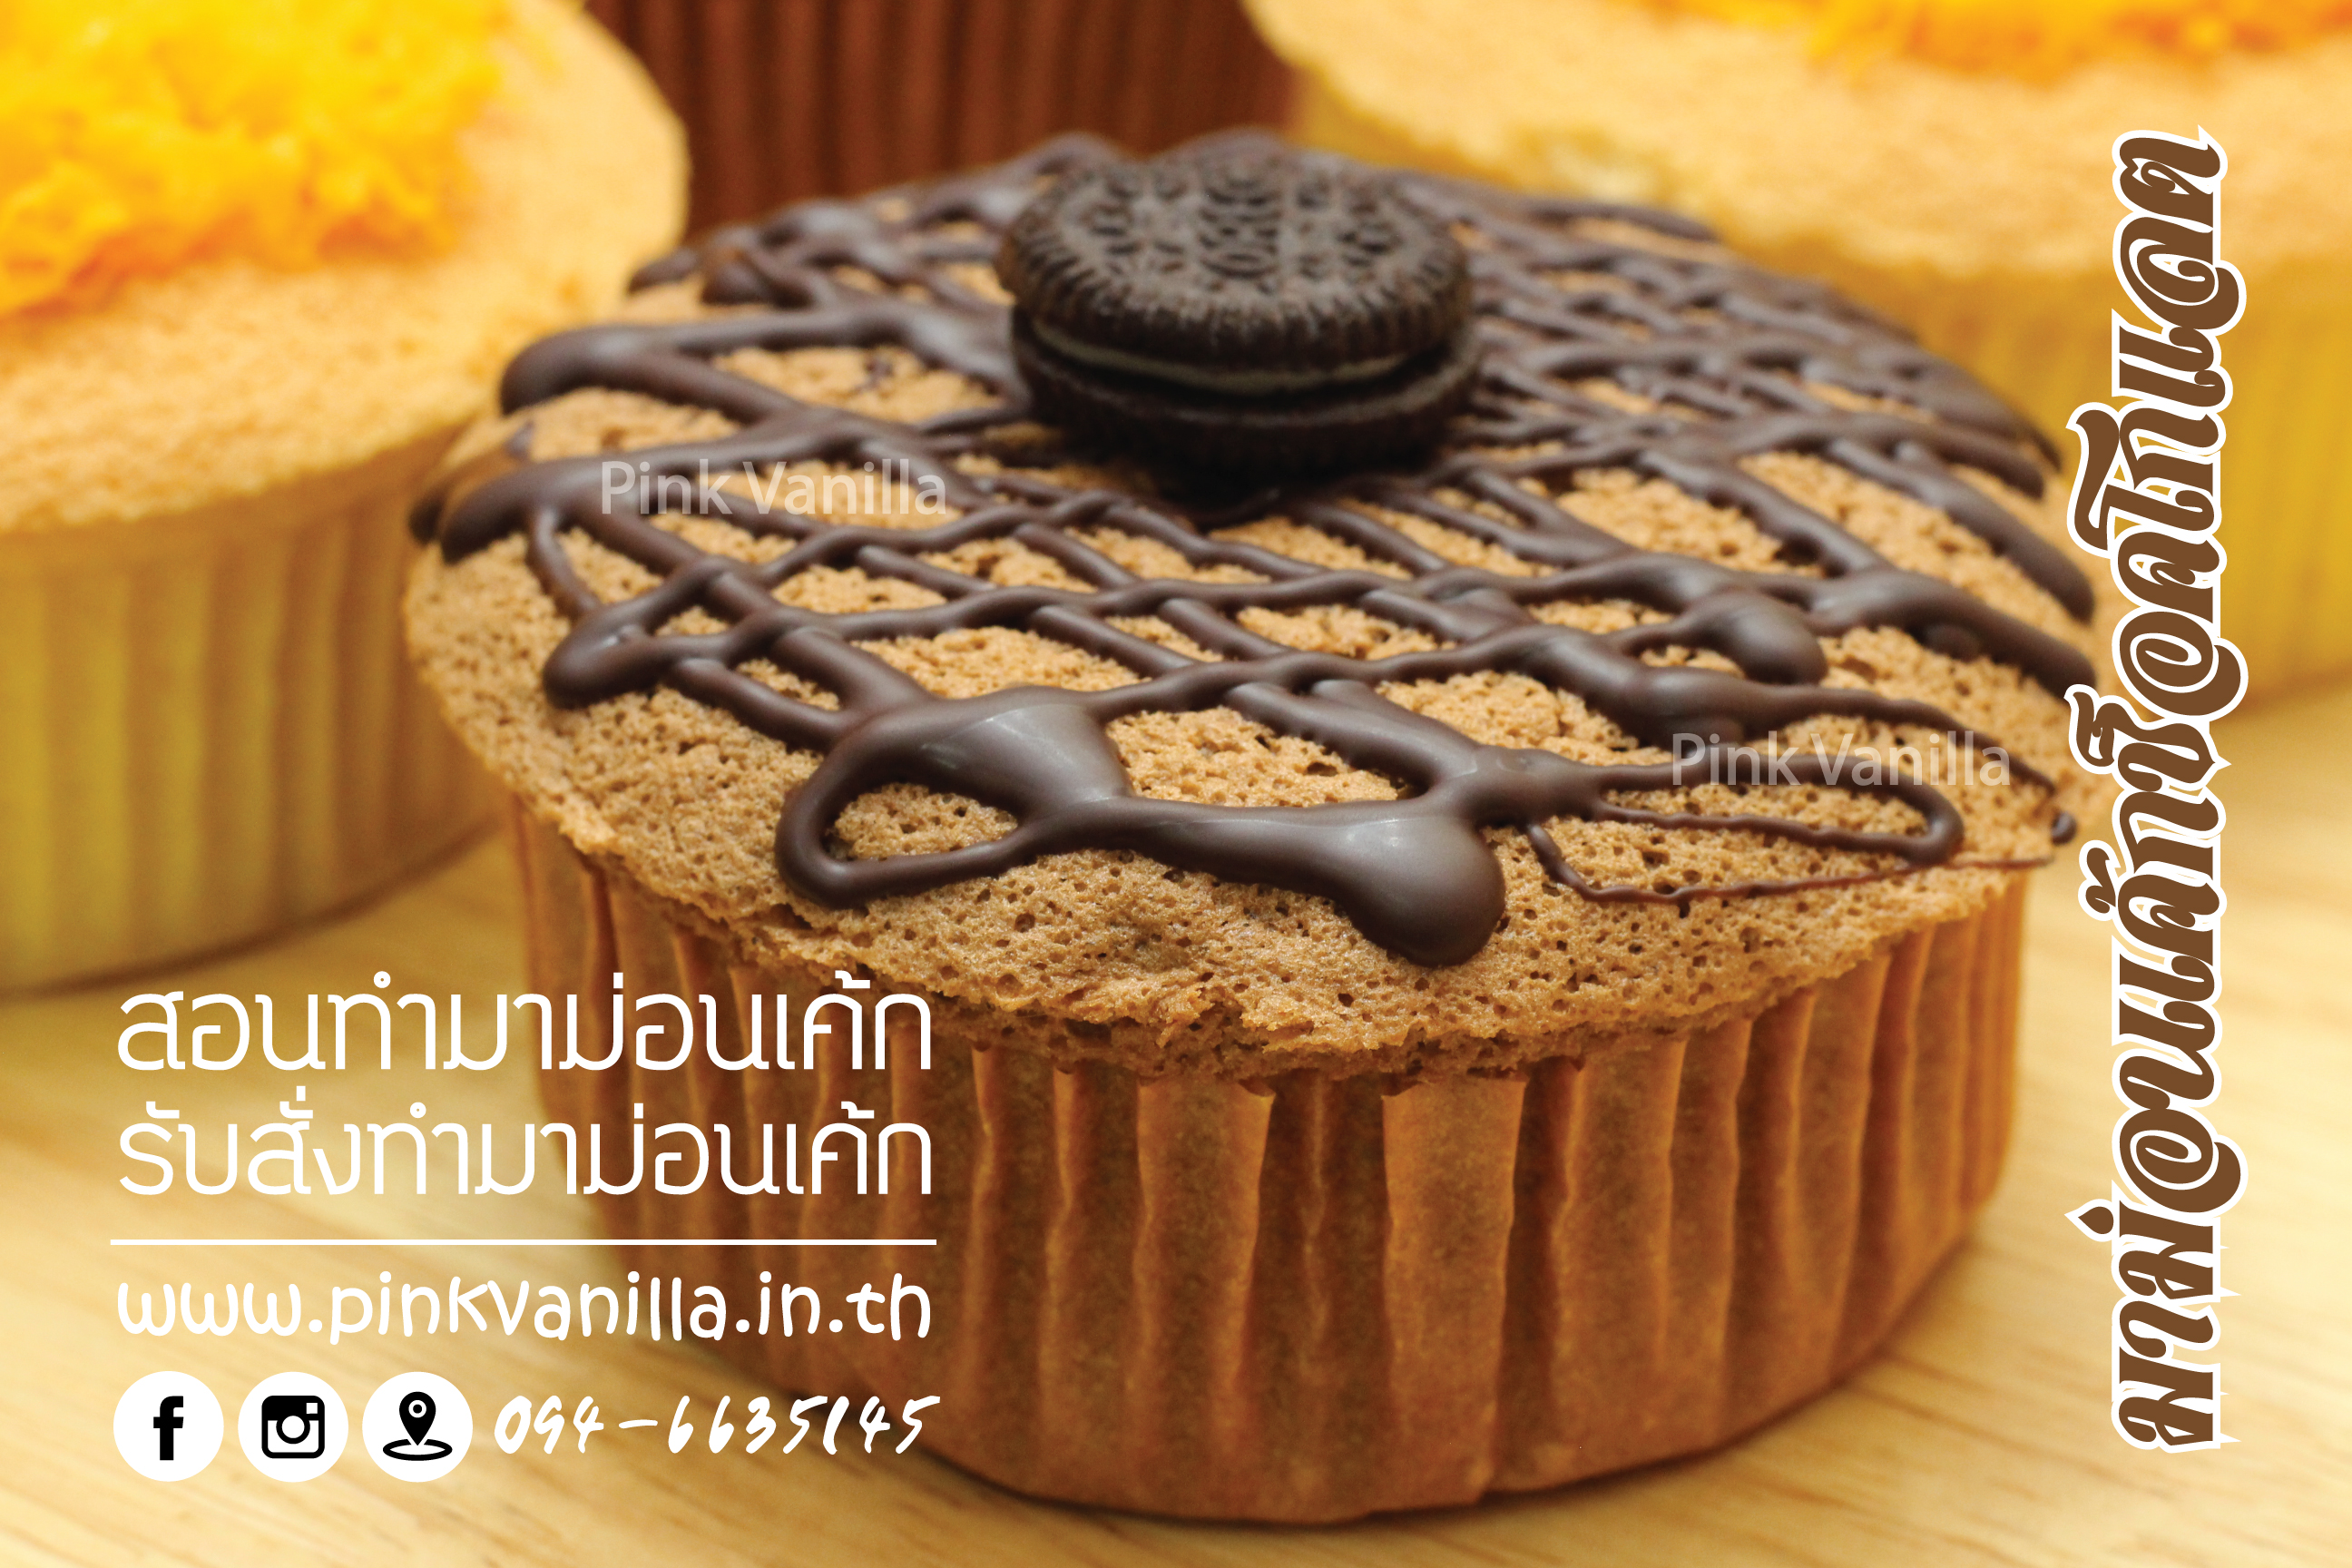 สอนทำเค้กมาม่อน ขนมเค้กมาม่อน มาม่อนเค้ก มาม่อนวานิลลา มาม่อนใบเตย มาม่อนช็อคโกแลต